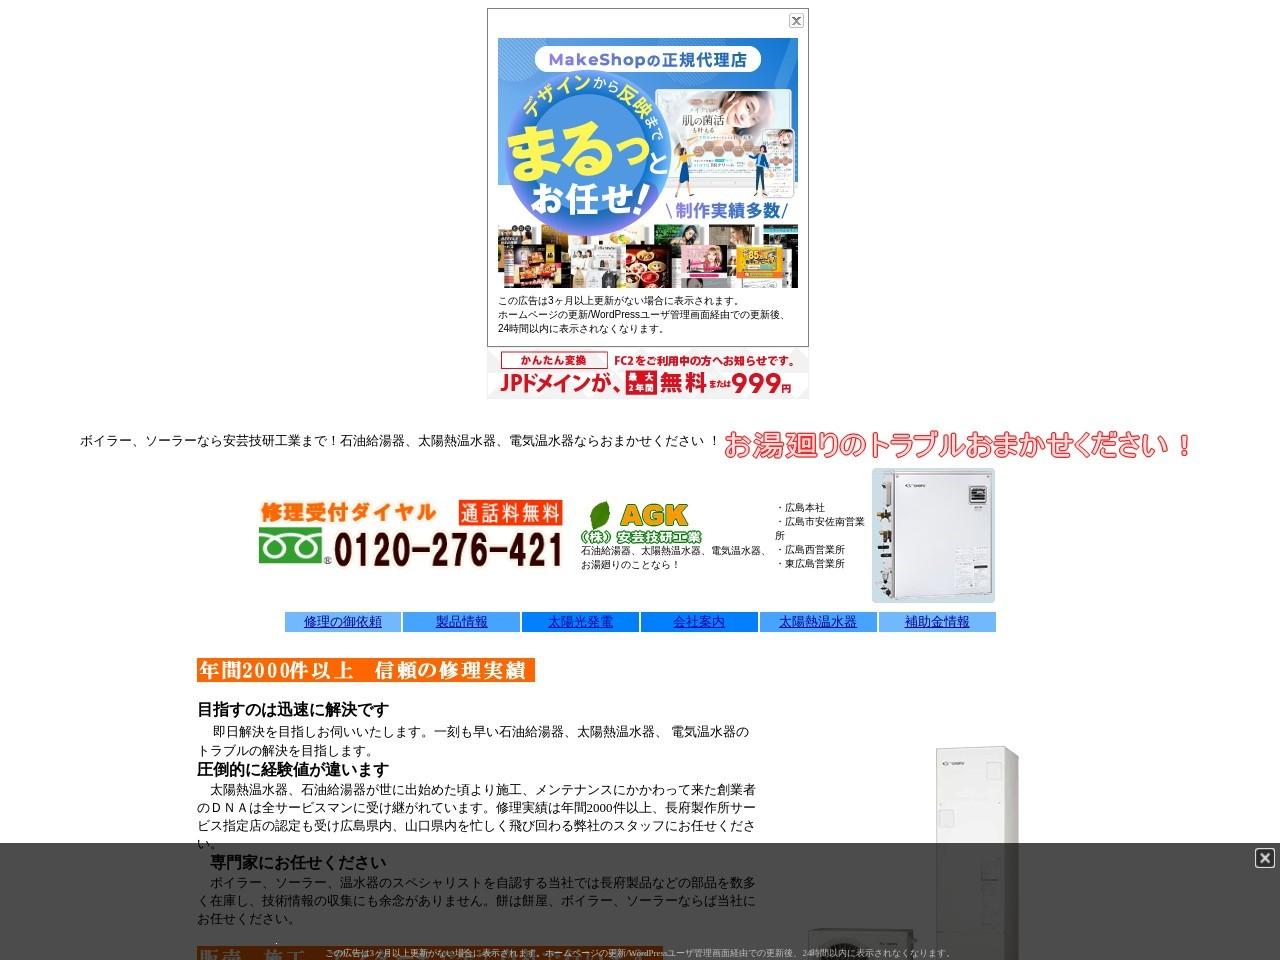 株式会社長府ボイラーサービスショップ安芸技研工業